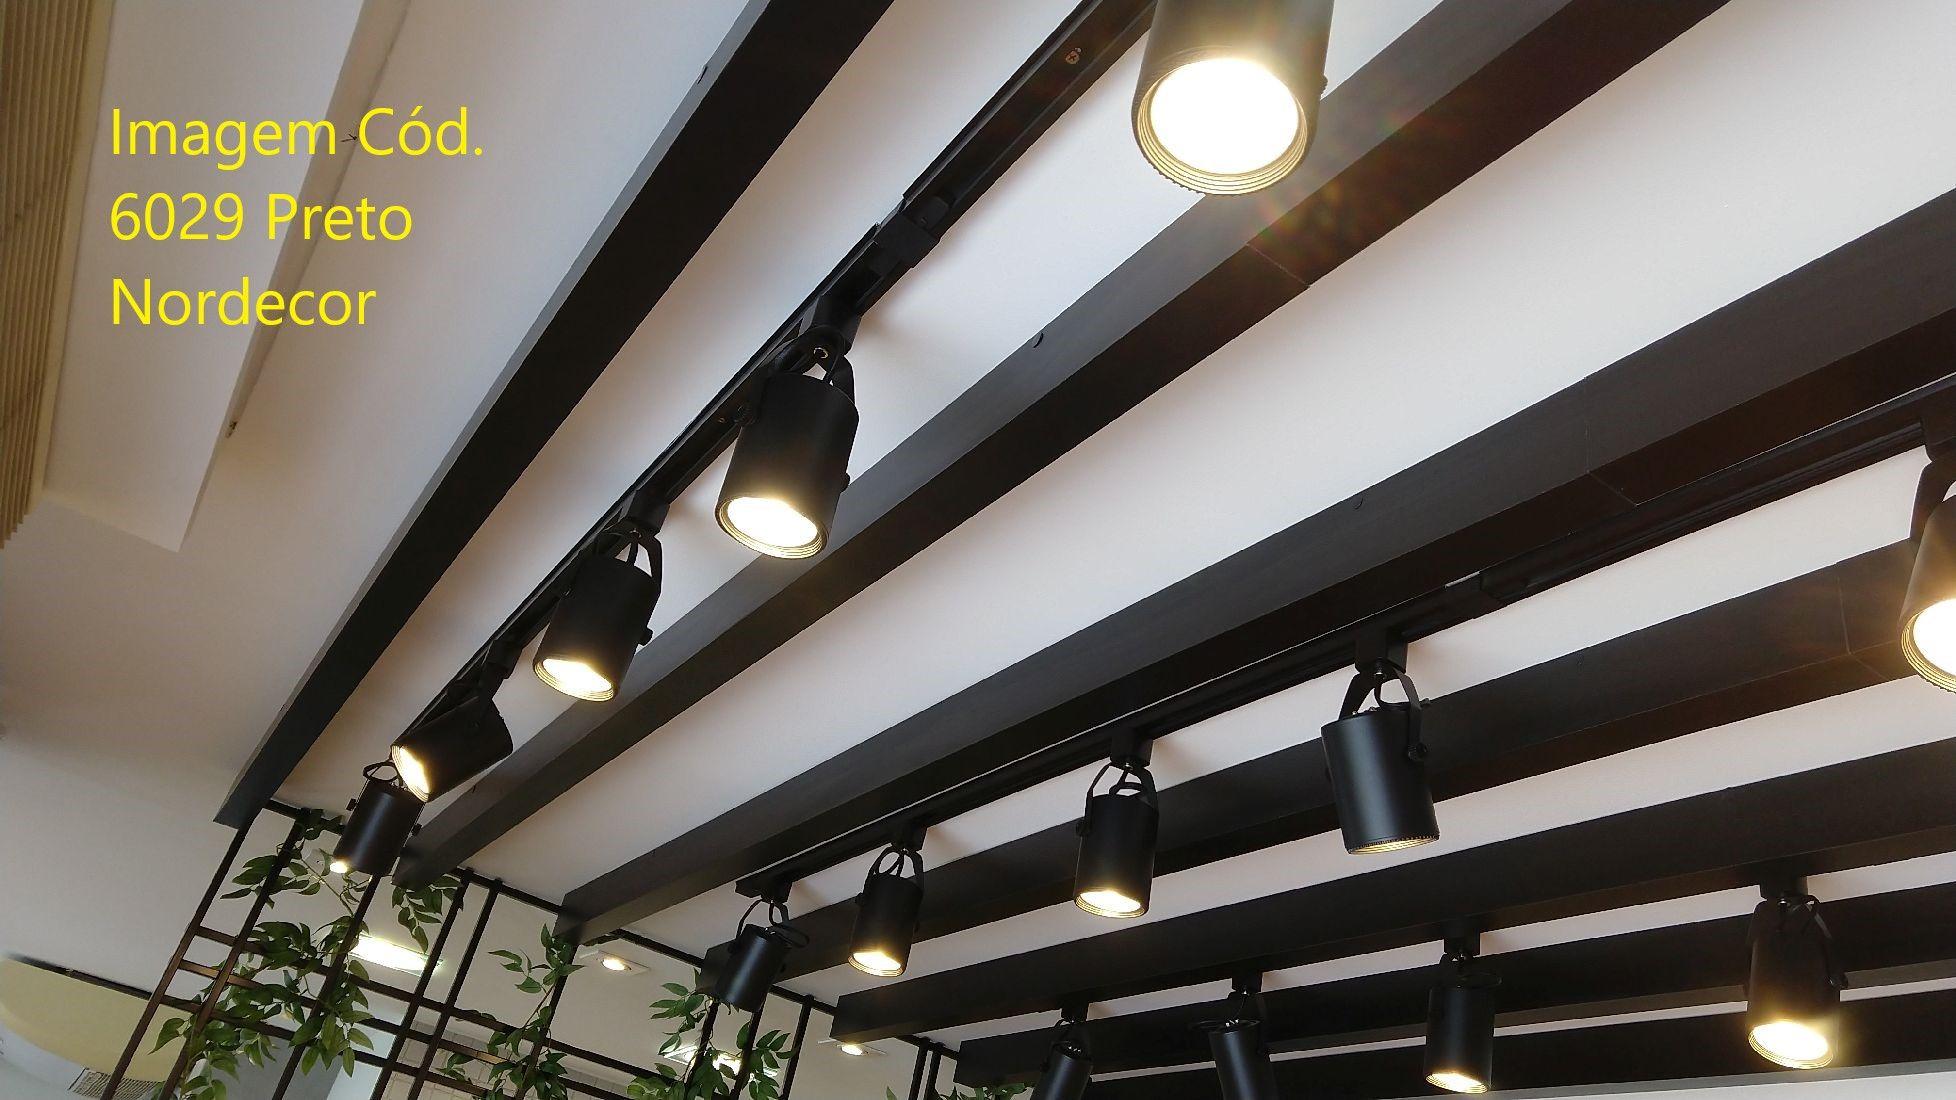 Kit Trilho Eletrificado 1m Preto Nordecor Lille + 3 Spot Par20 + Lâmp. Led Luz Quente